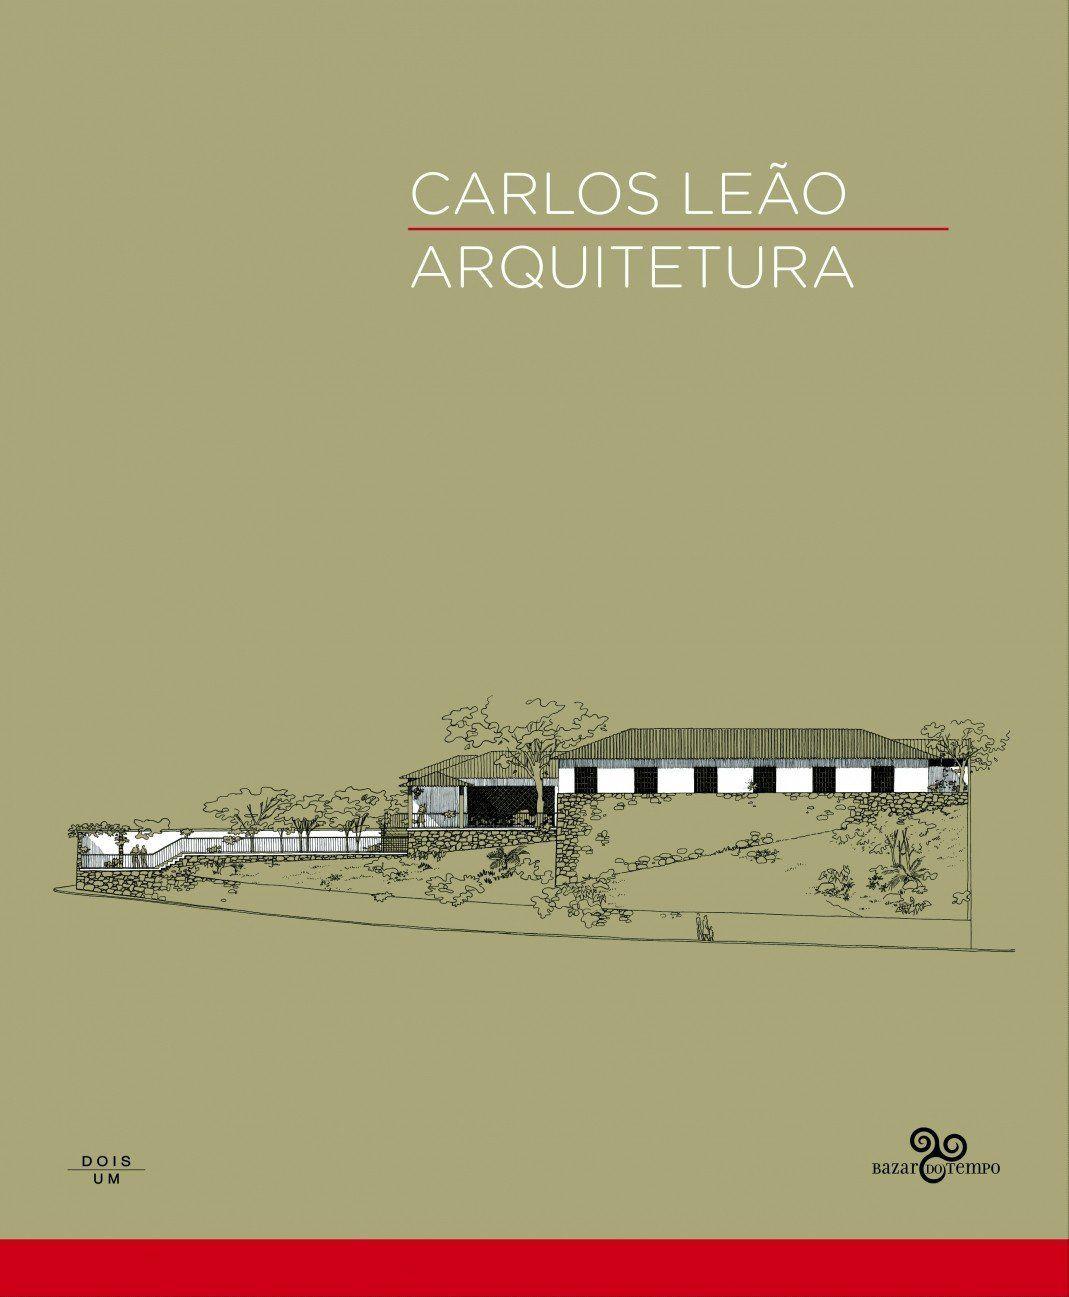 Carlos Leão - Arquitetura